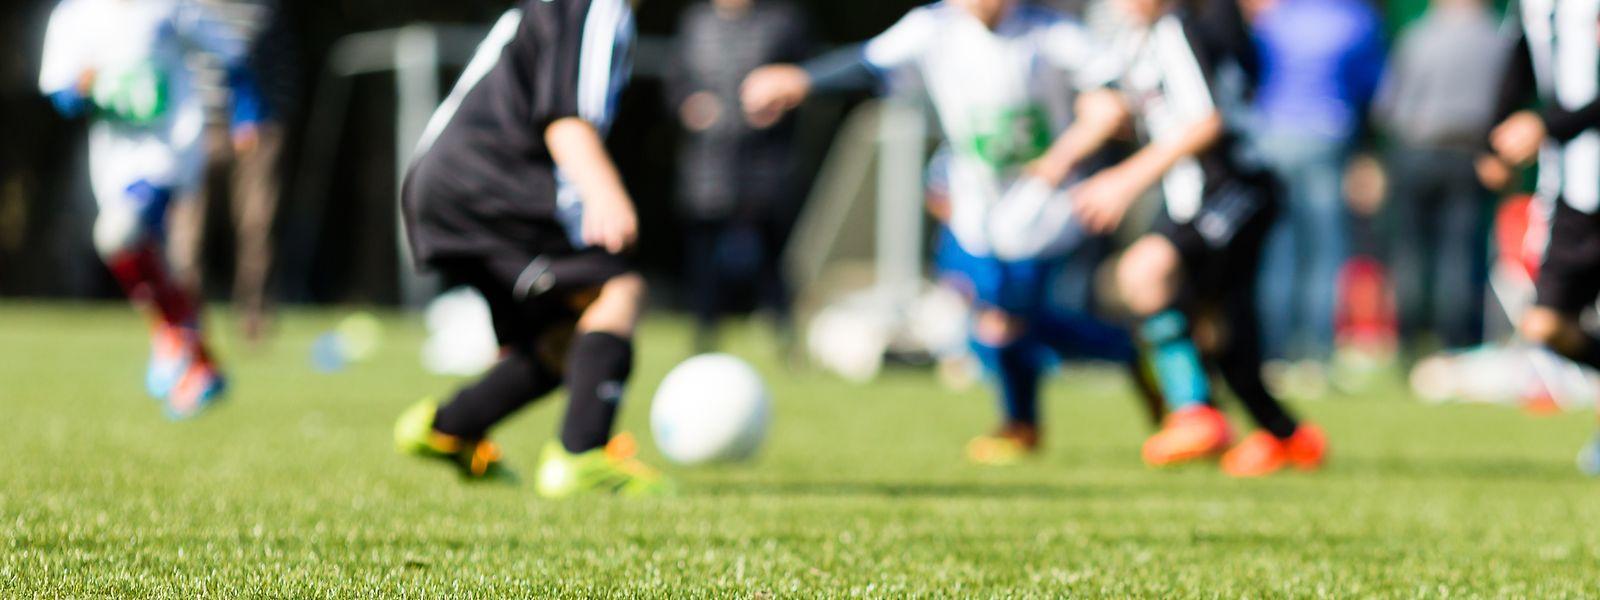 Im Jugendfußball steht der Spaß nicht immer im Vordergrund.